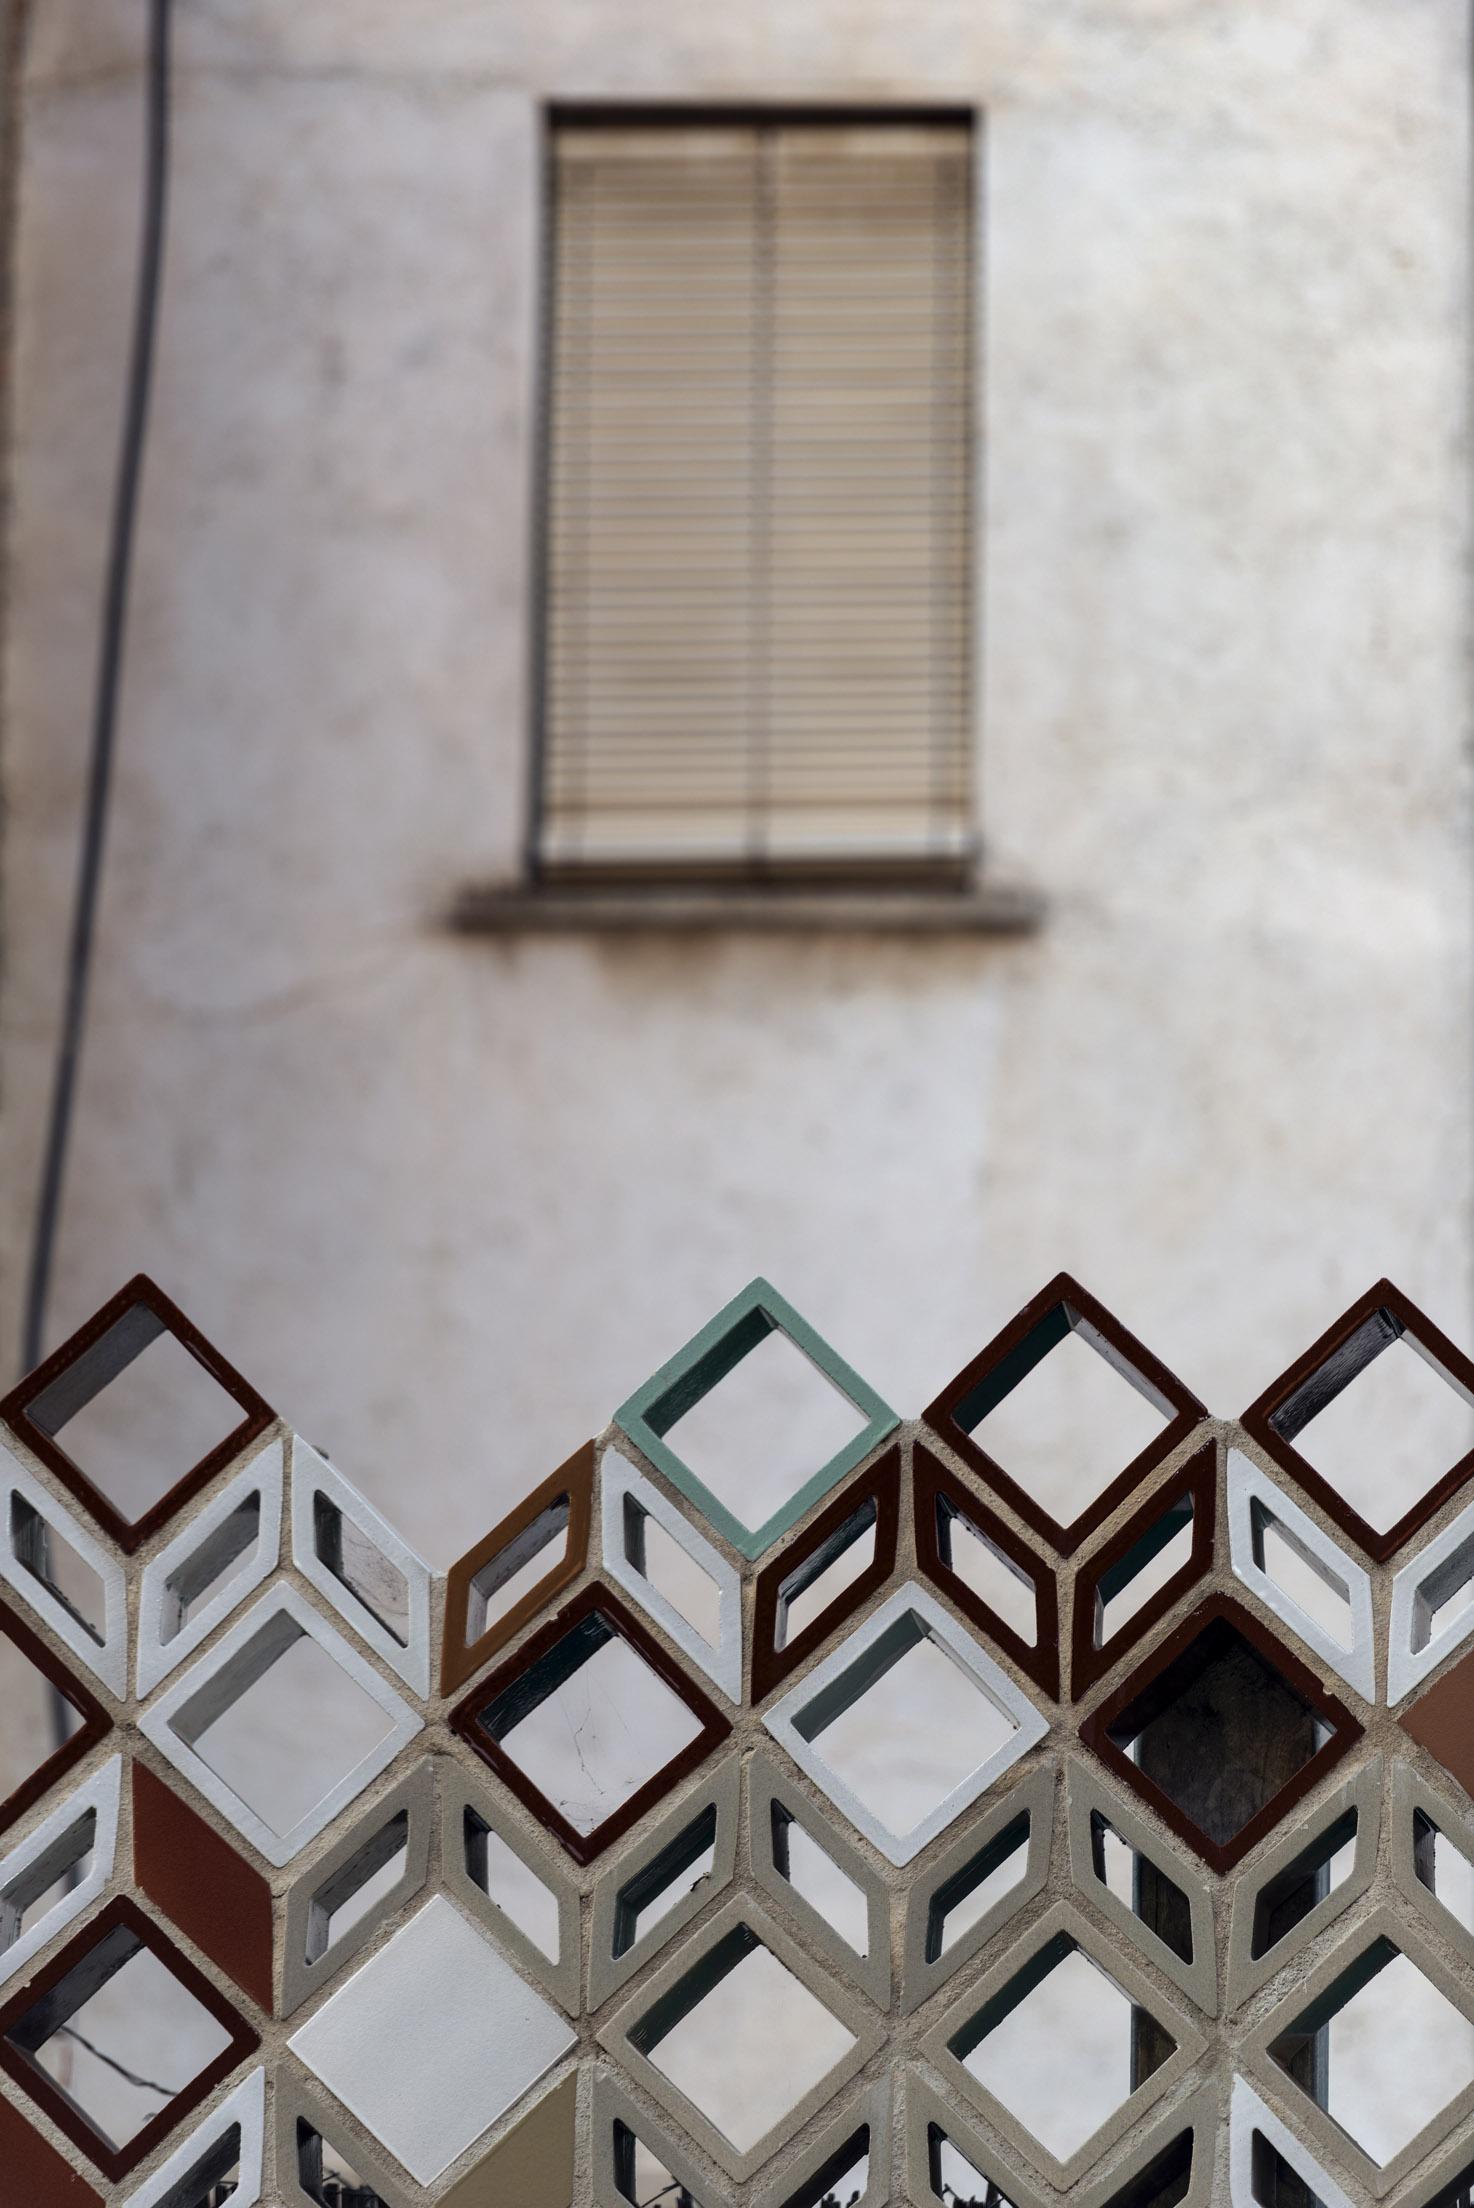 Fem arquitectura blog - Fem arquitectura ...